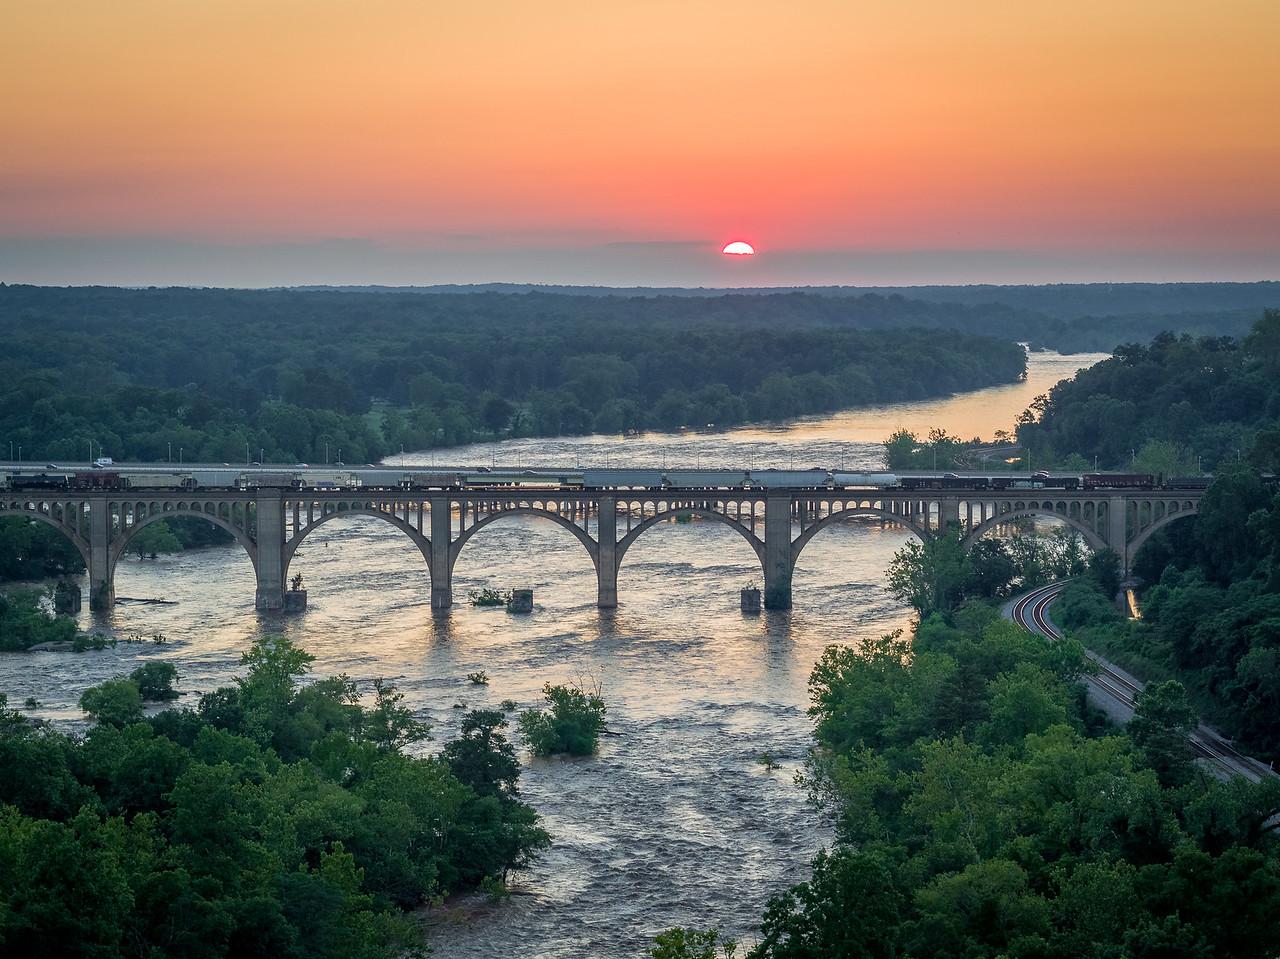 RVA Trains and Bridges